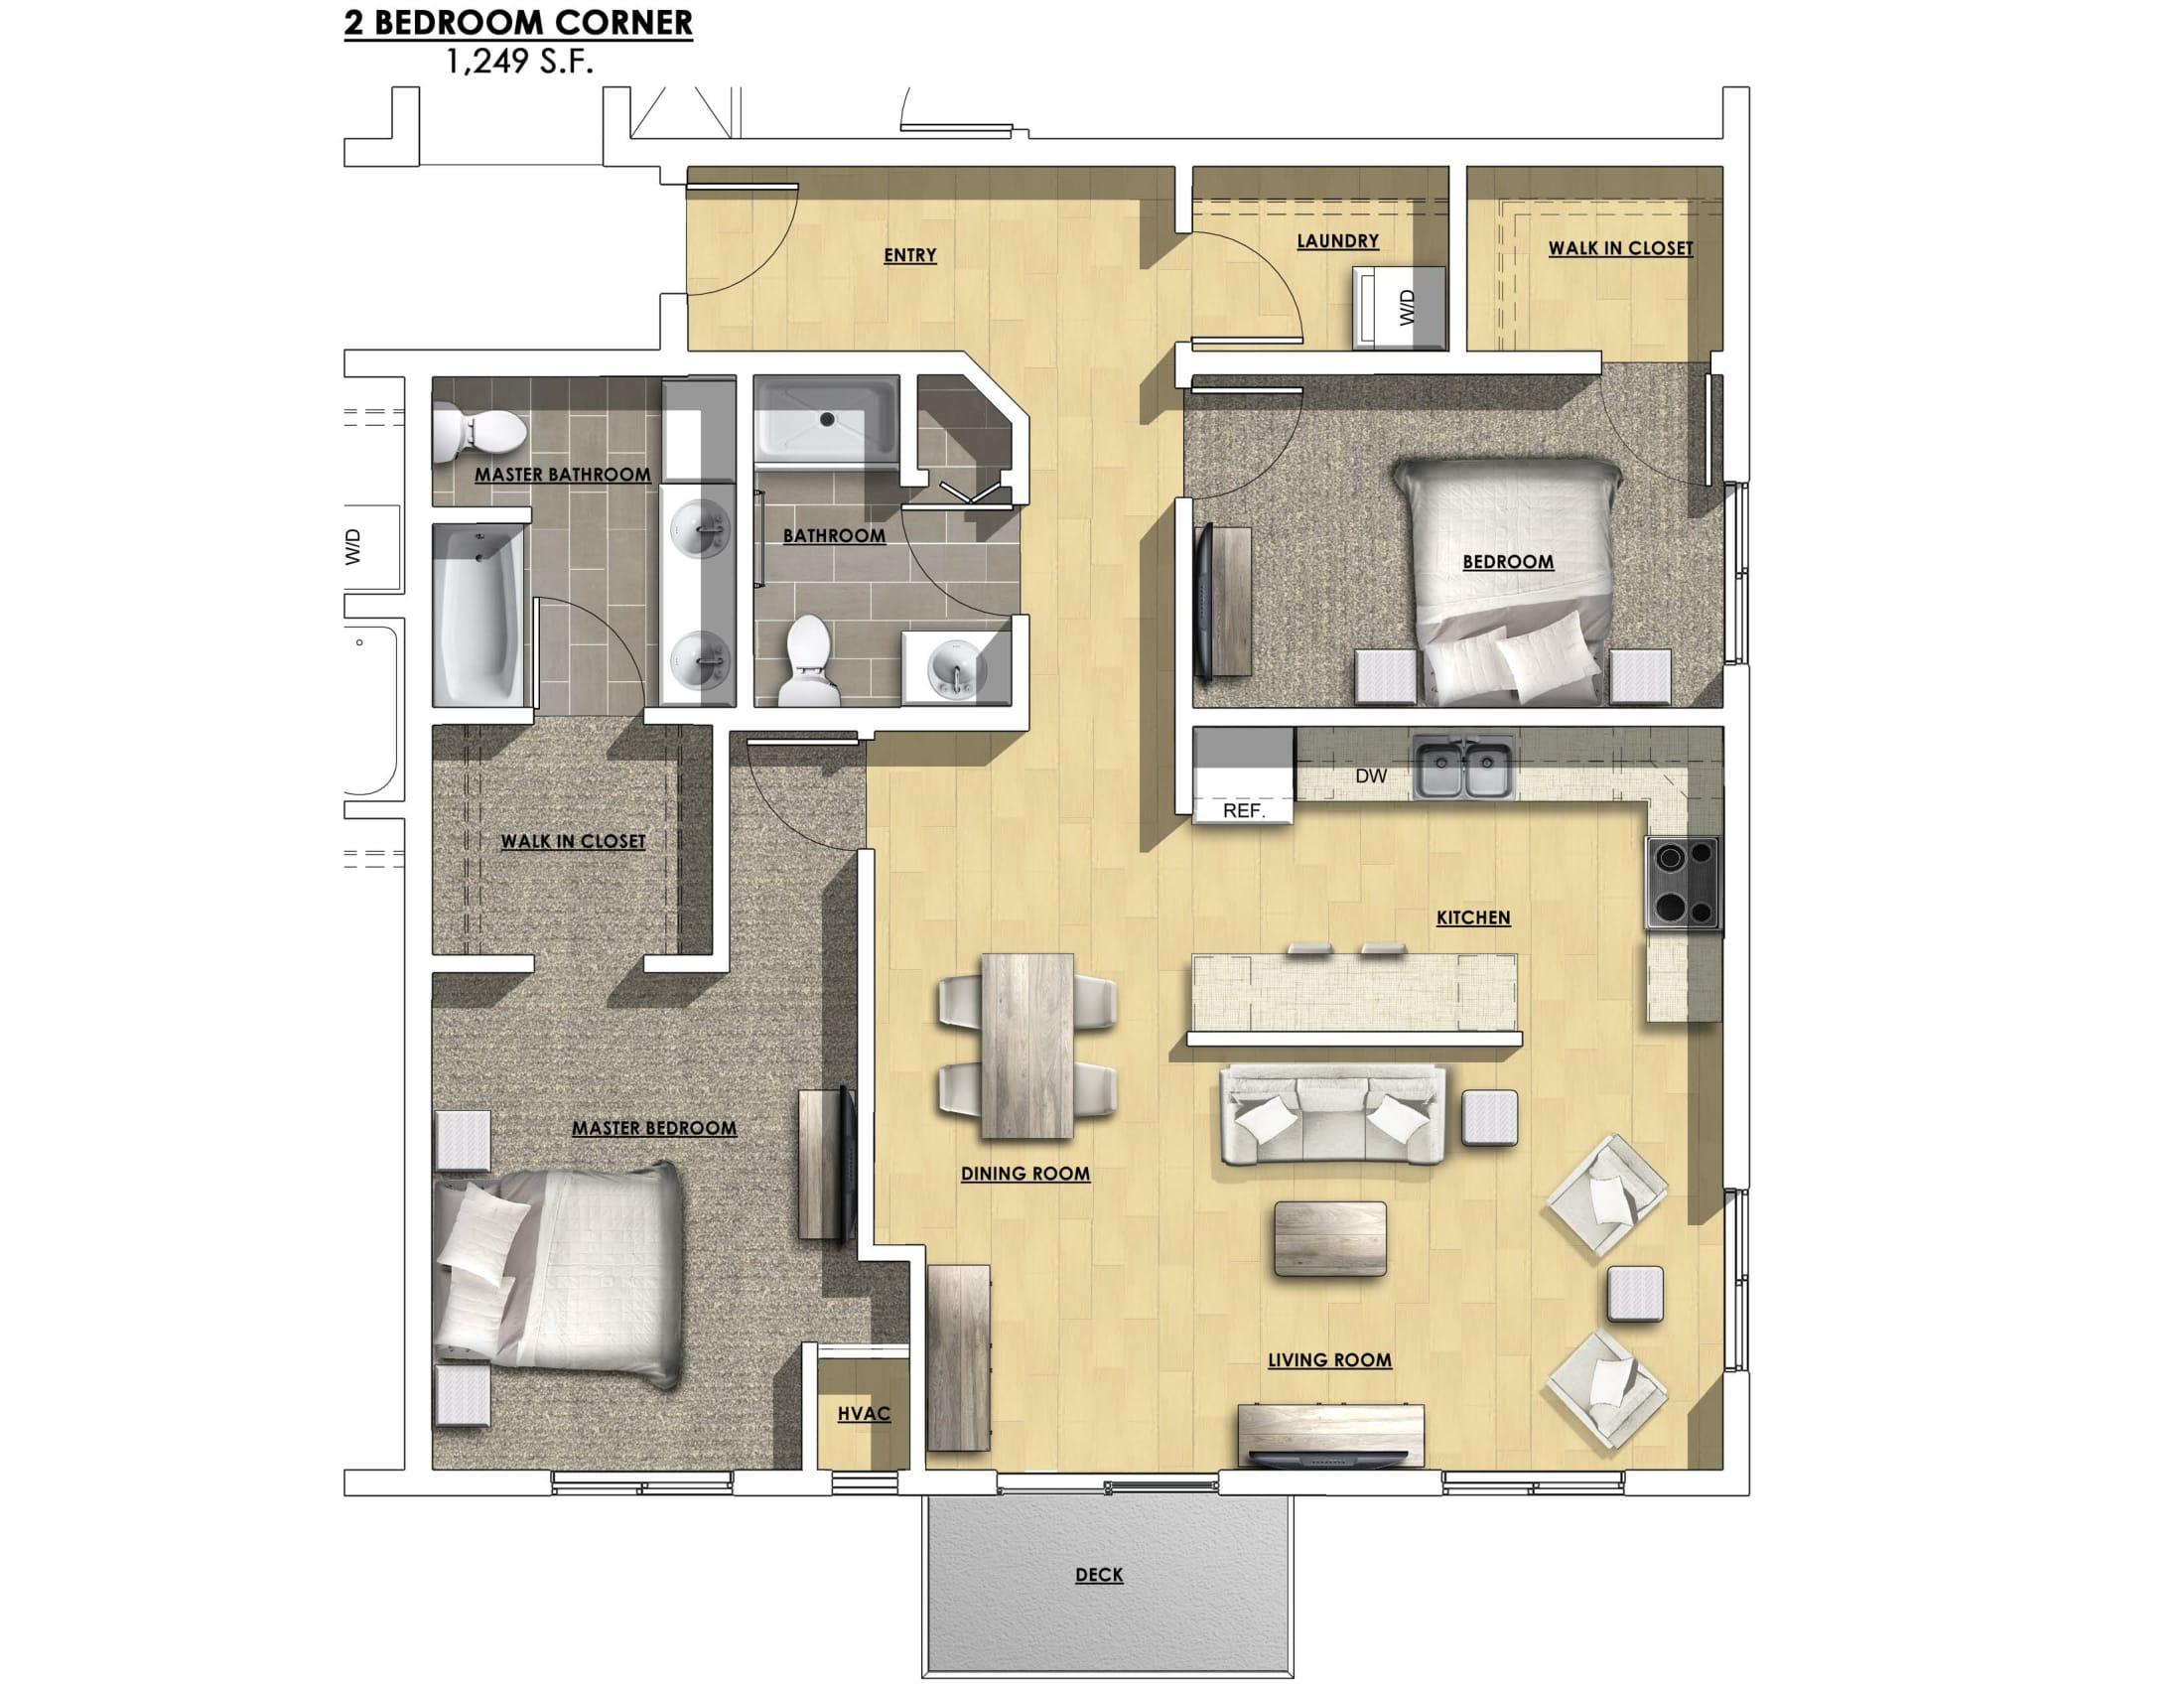 One Bedroom Unit Floor Plans